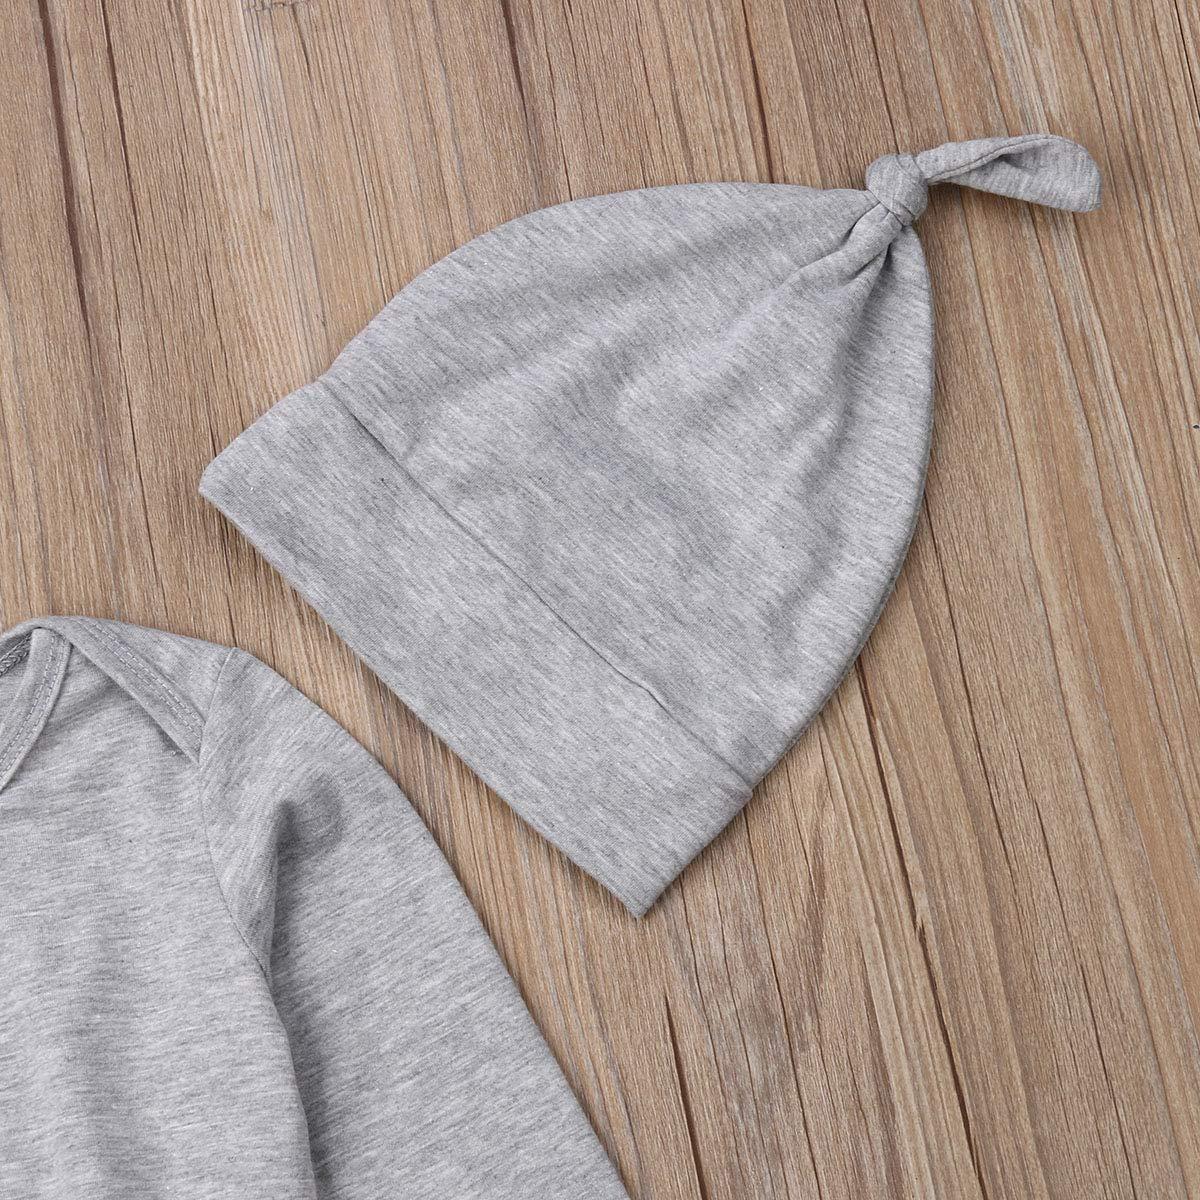 Newborn Baby Coming Home Nighgowns Long Sleeve Plaid Sleepwear Hat Romper Sleeping Bags